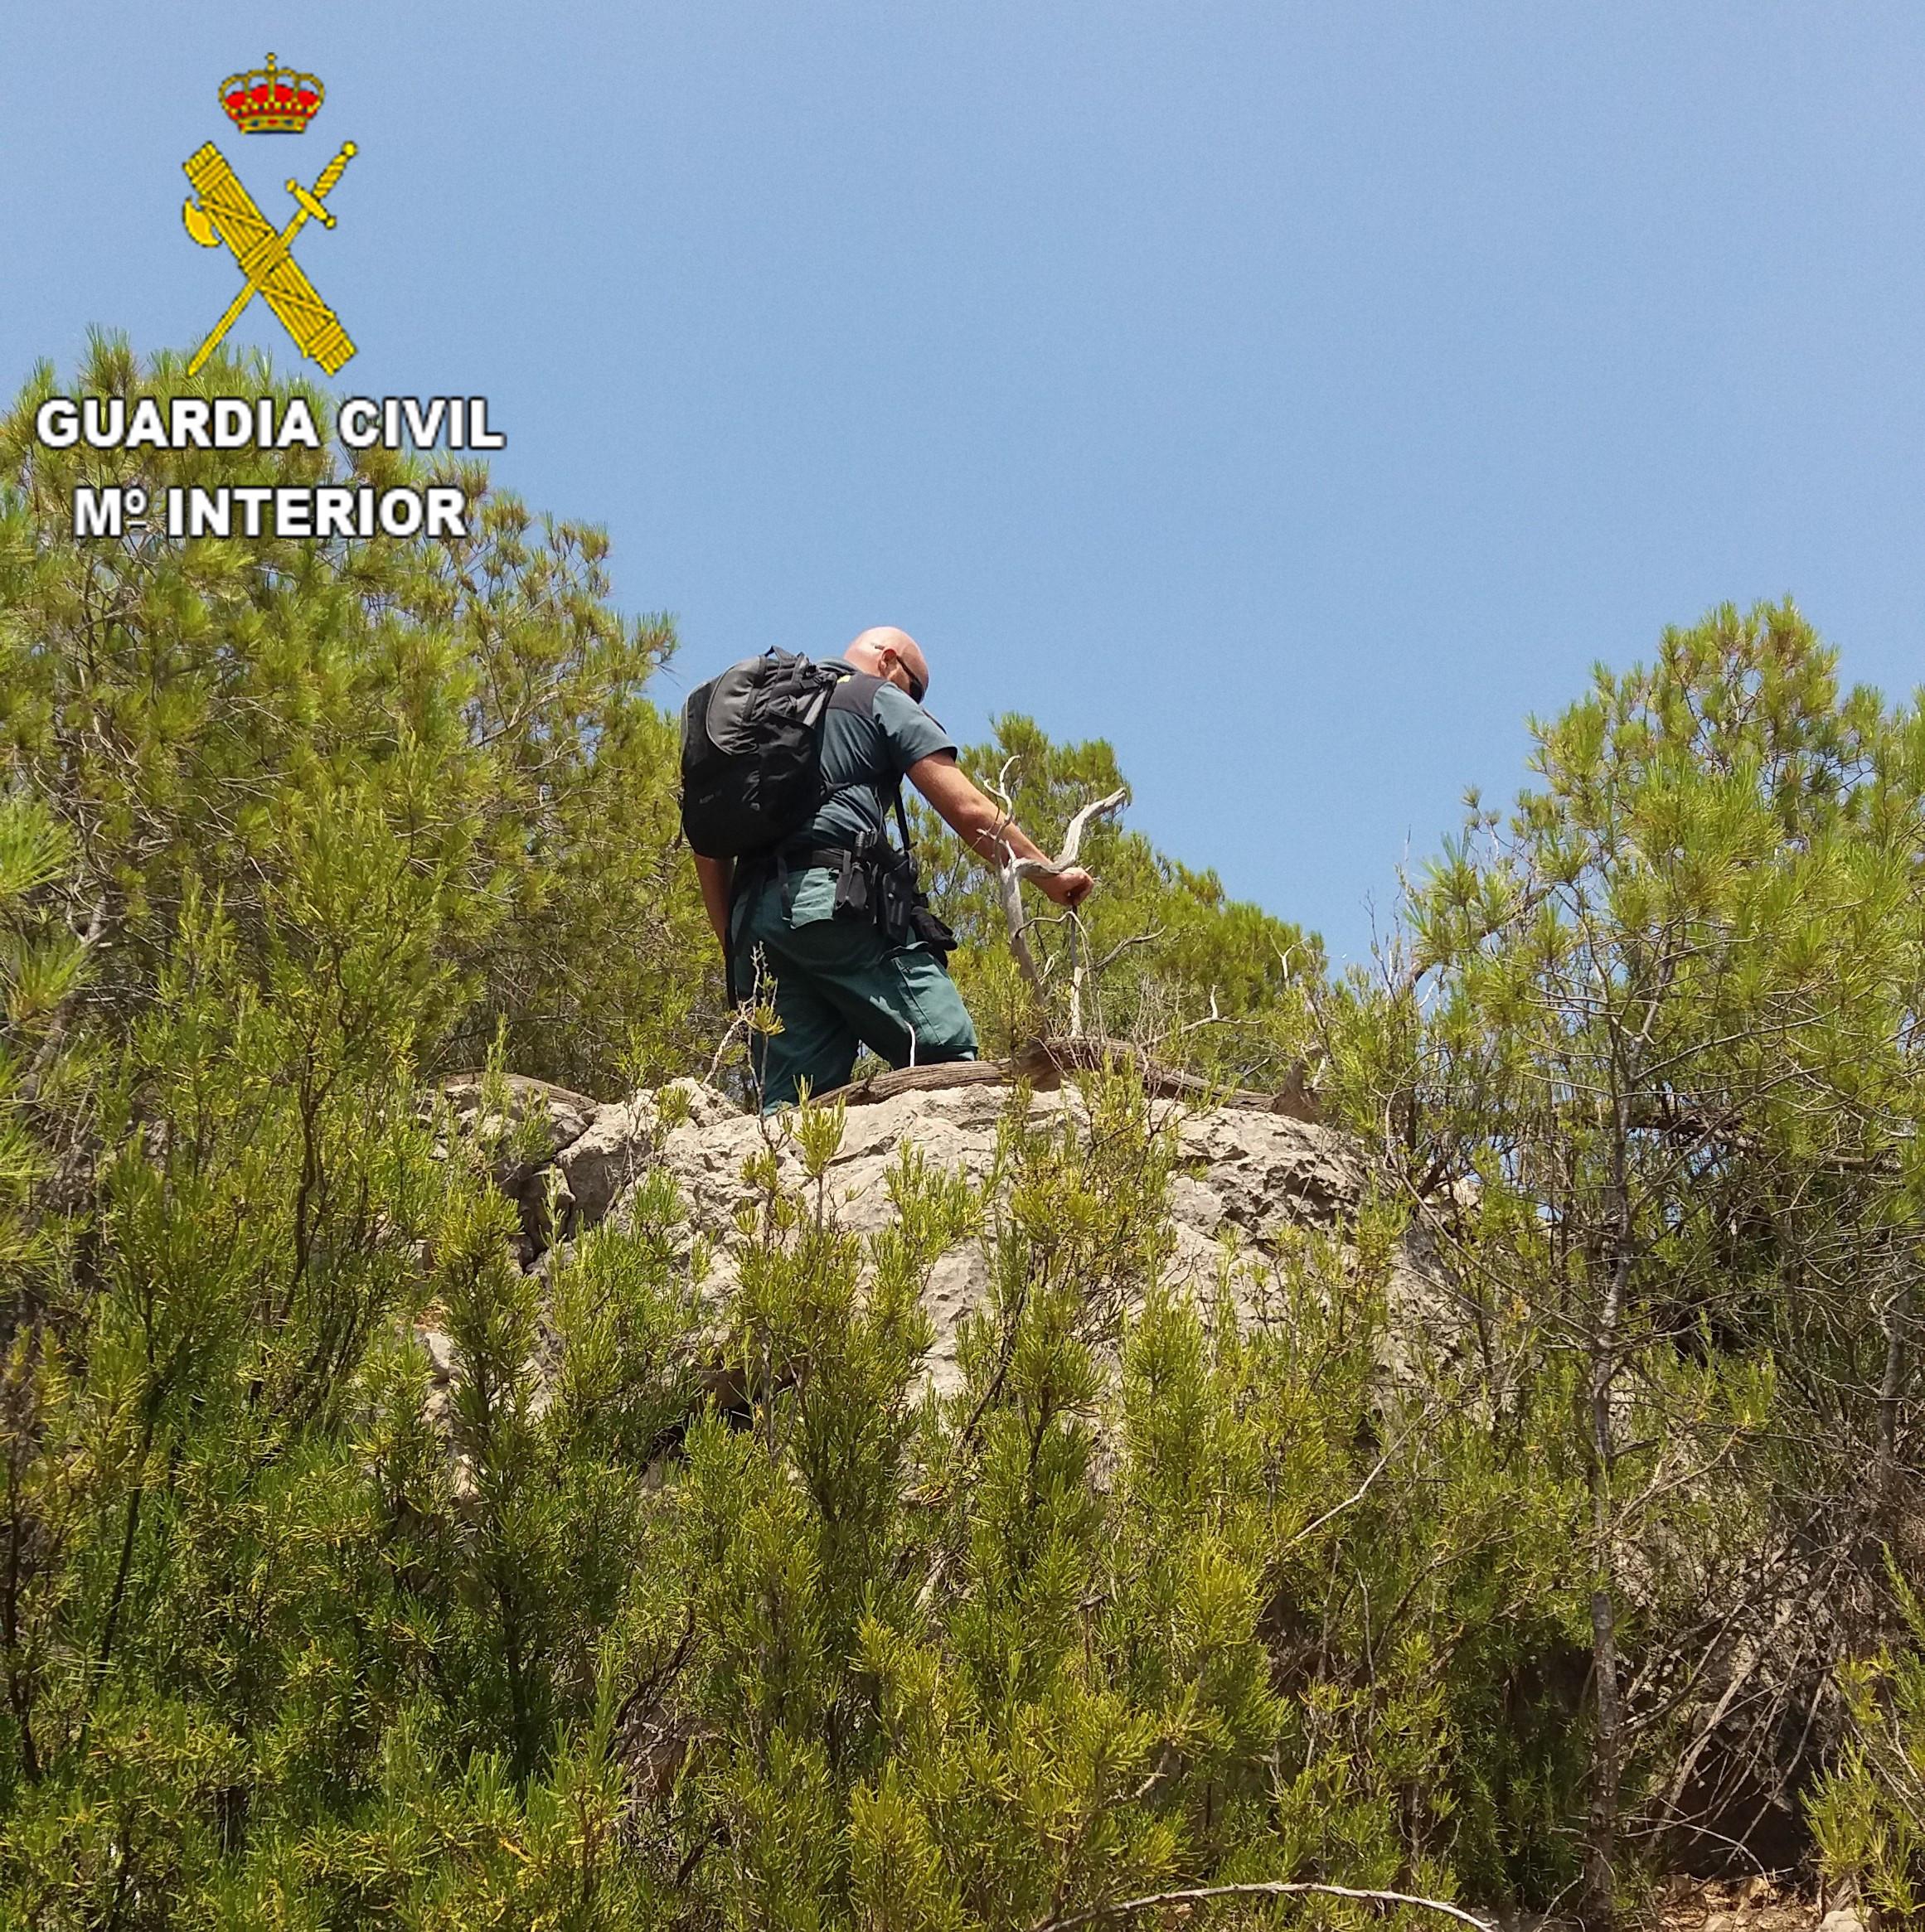 Miembros del Seprona de la Guardia Civil de Chelva localizaron a estas tres personas tras realizar una marcha de mas de dos horas atravesando el monte.